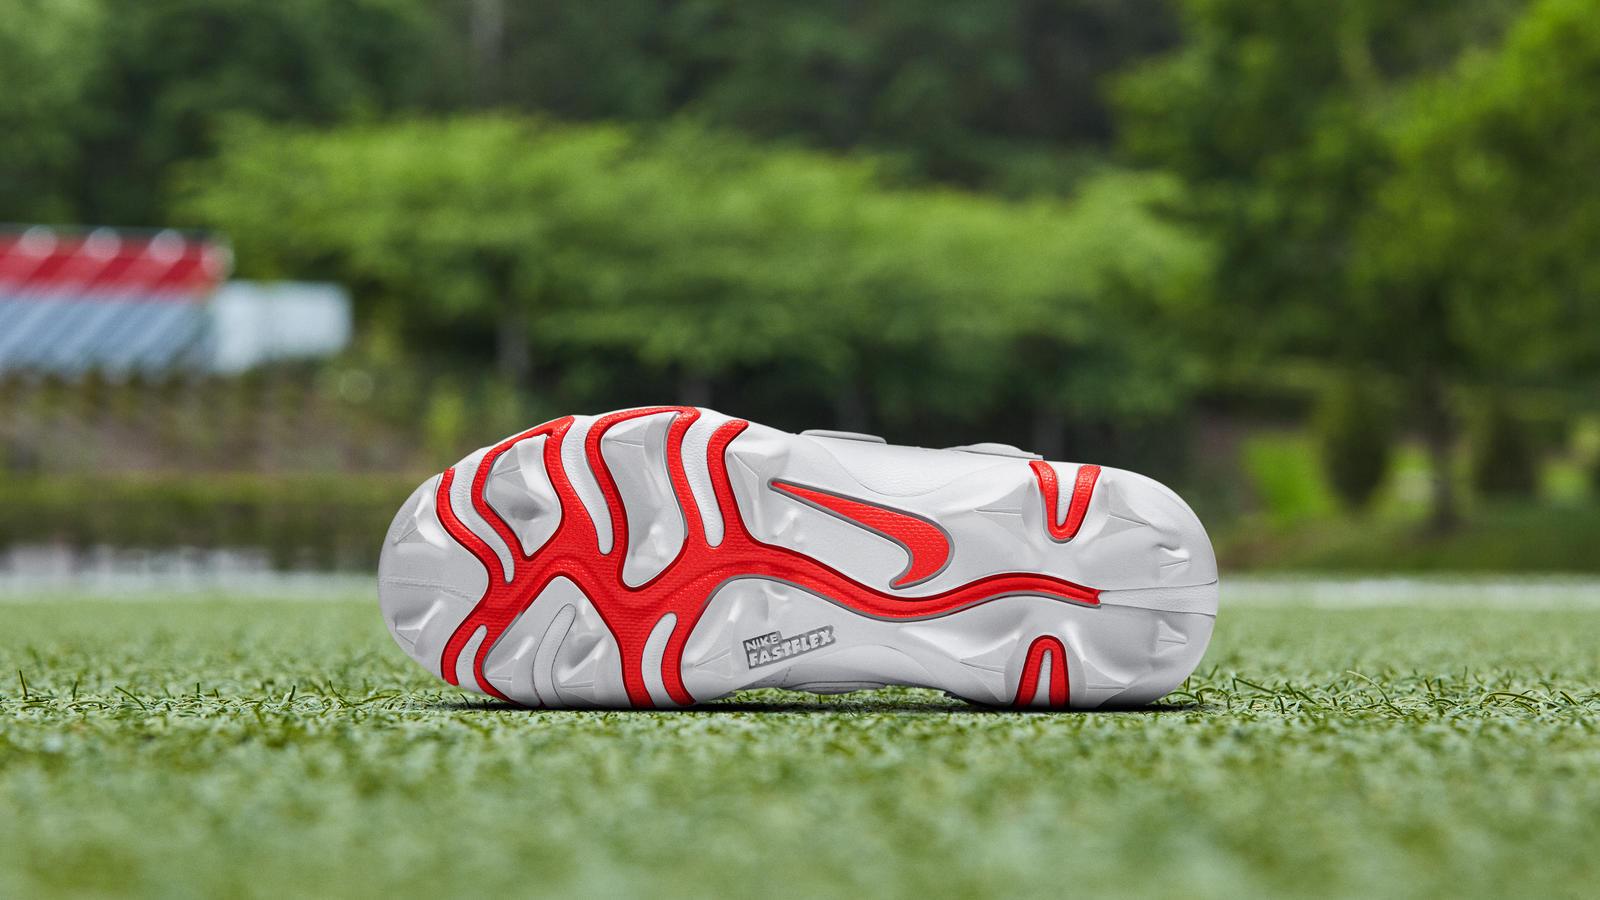 Nike Vapor Untouchable Pro 3 OBJ Uptempo Cleat  6